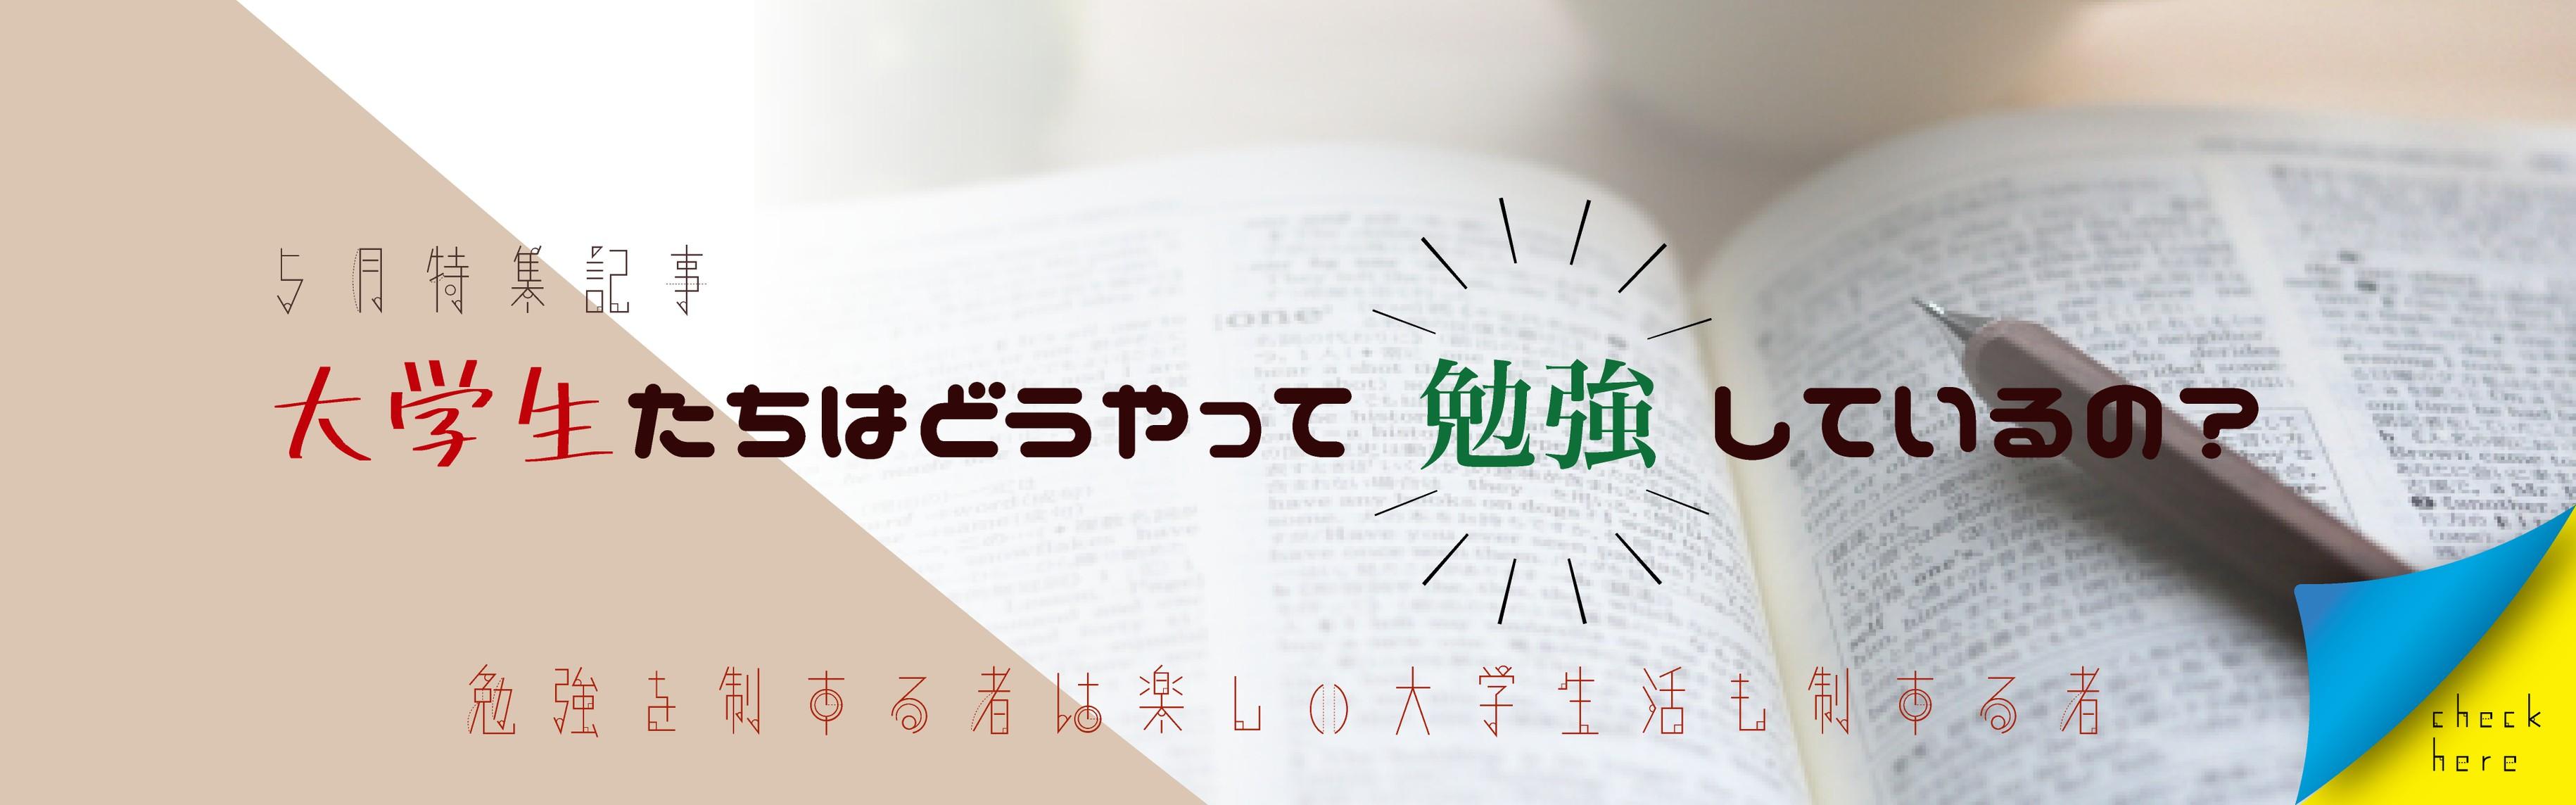 【新入生必見!】大学生の勉強方法特集!